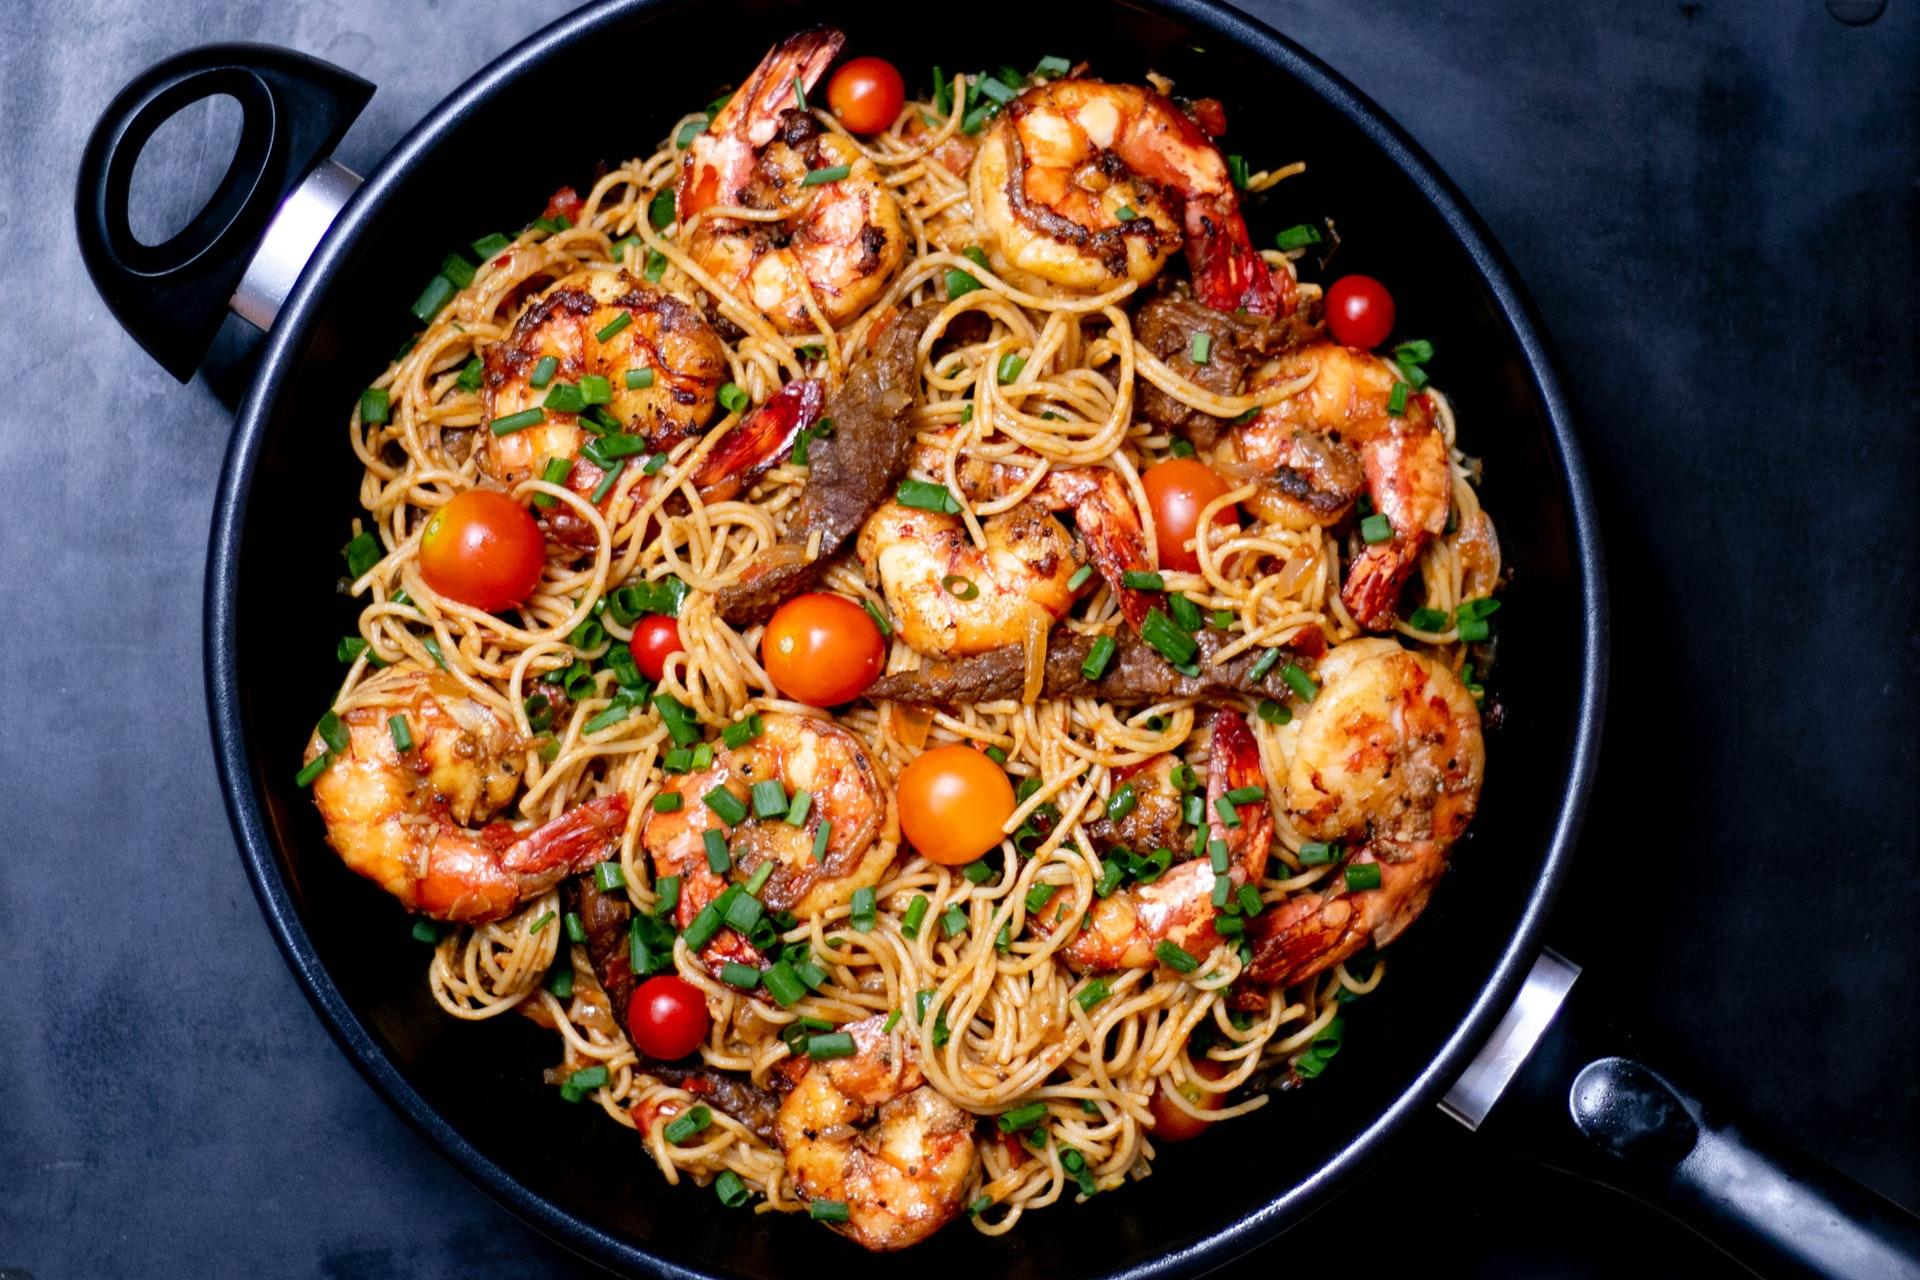 cazuela, spaghety, camarones